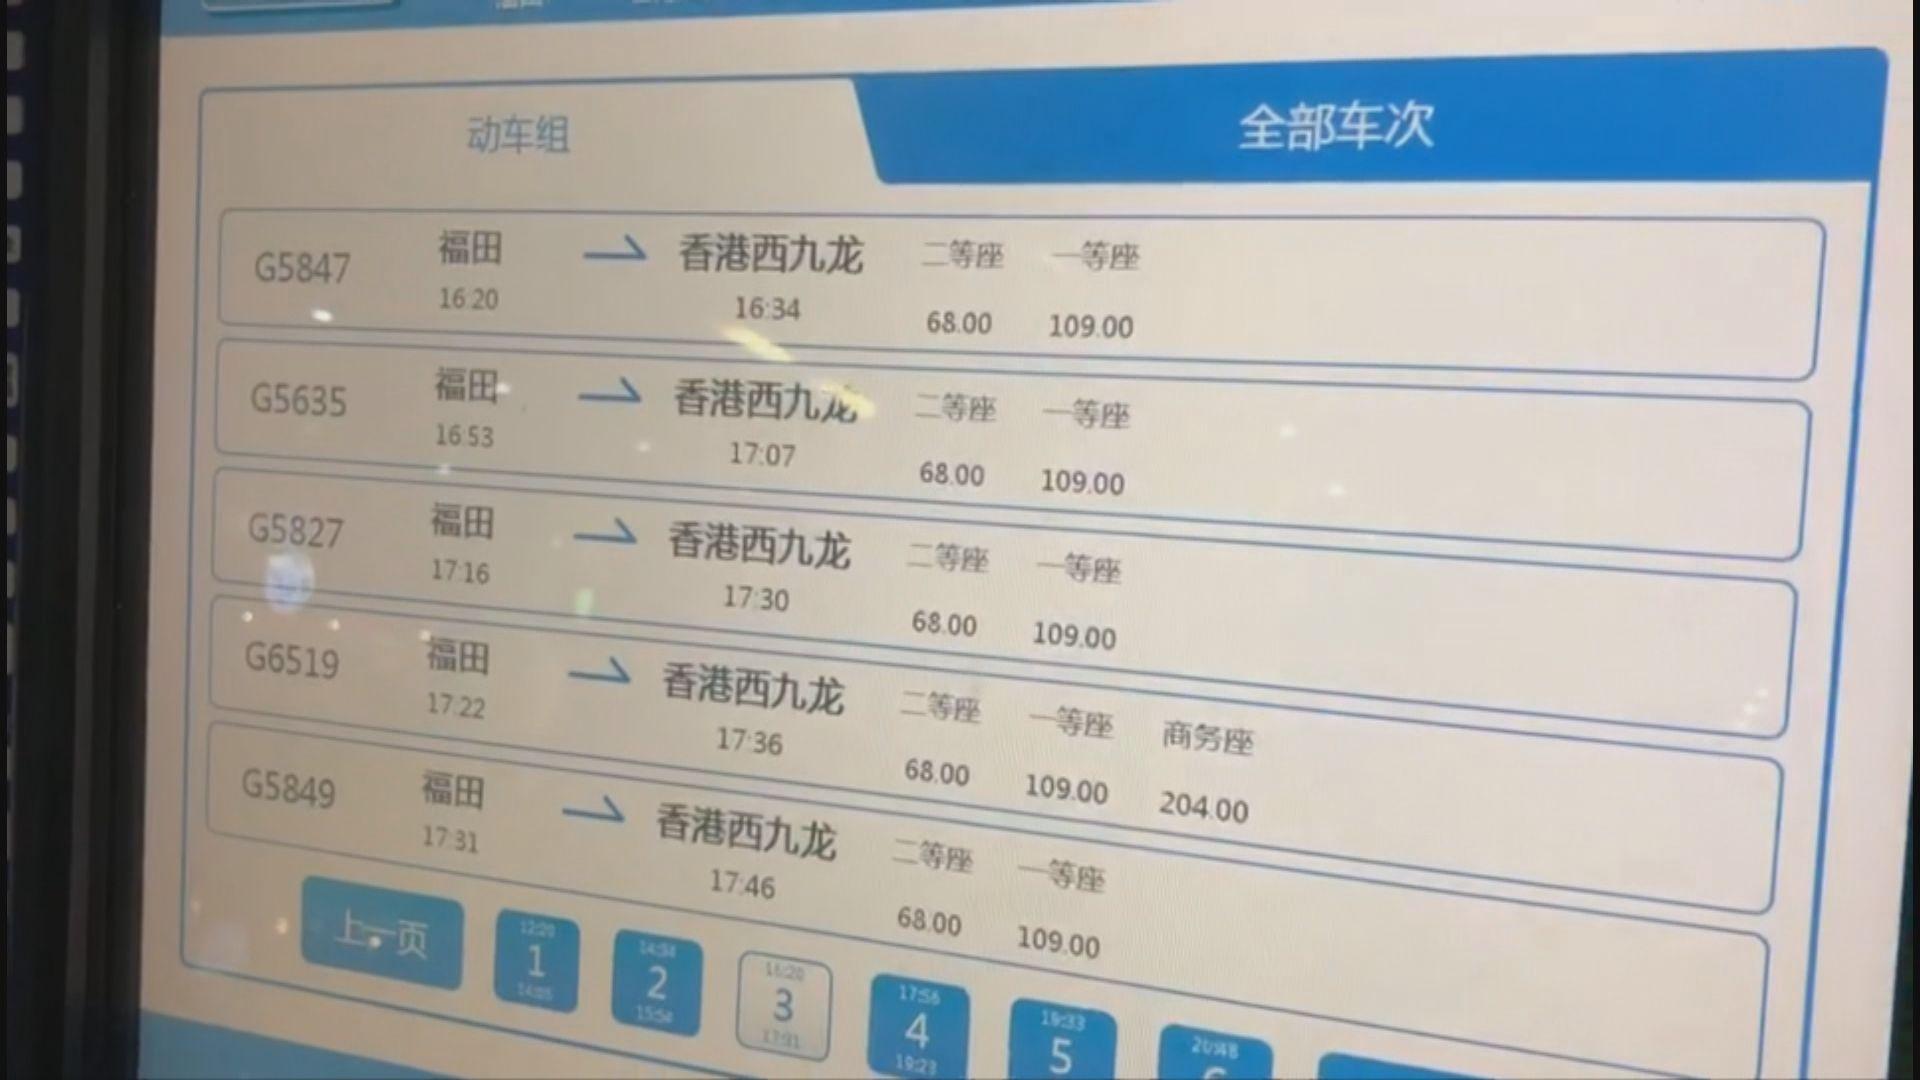 深圳往香港高鐵車票一度暫停出售 中午恢復